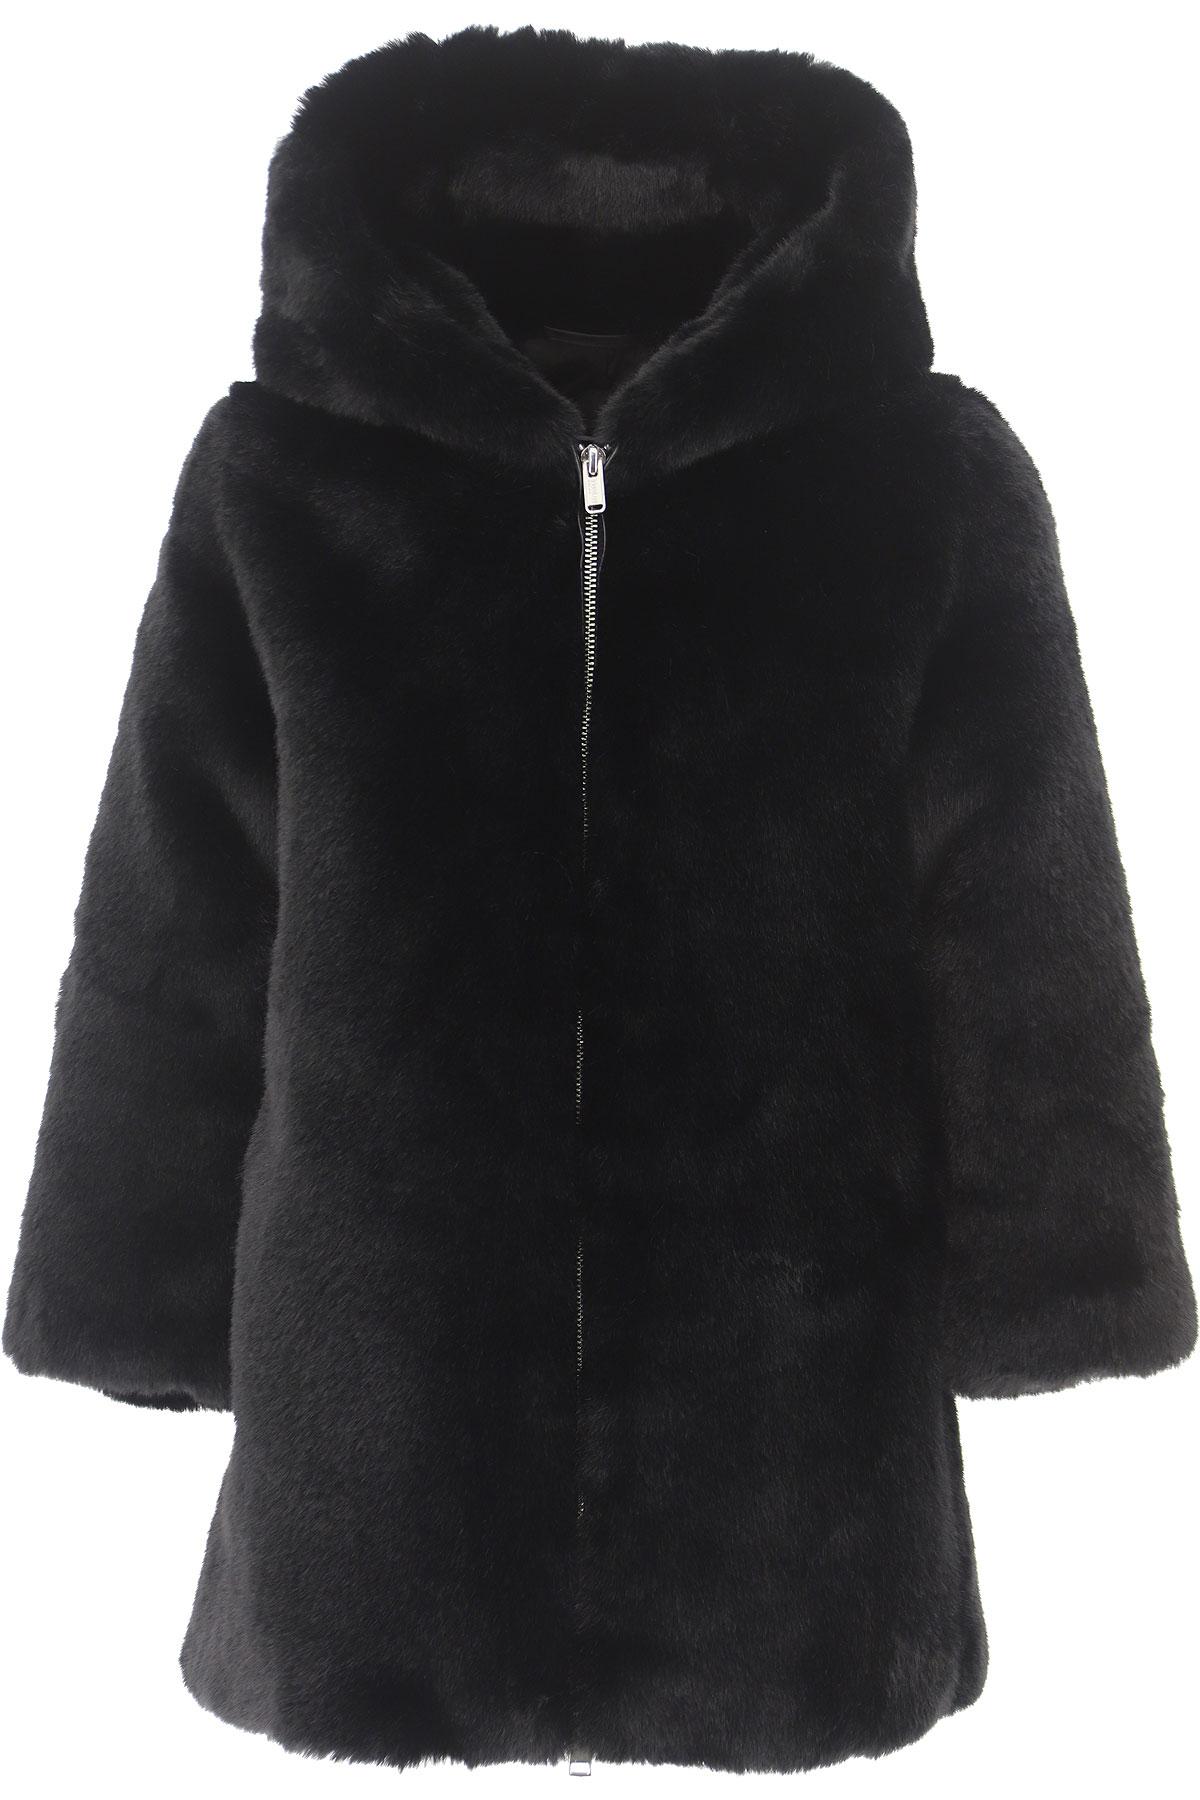 Bomboogie {DESIGNER} Kids Coat for Girls On Sale, Black, polyester, 2019, 14Y 6Y